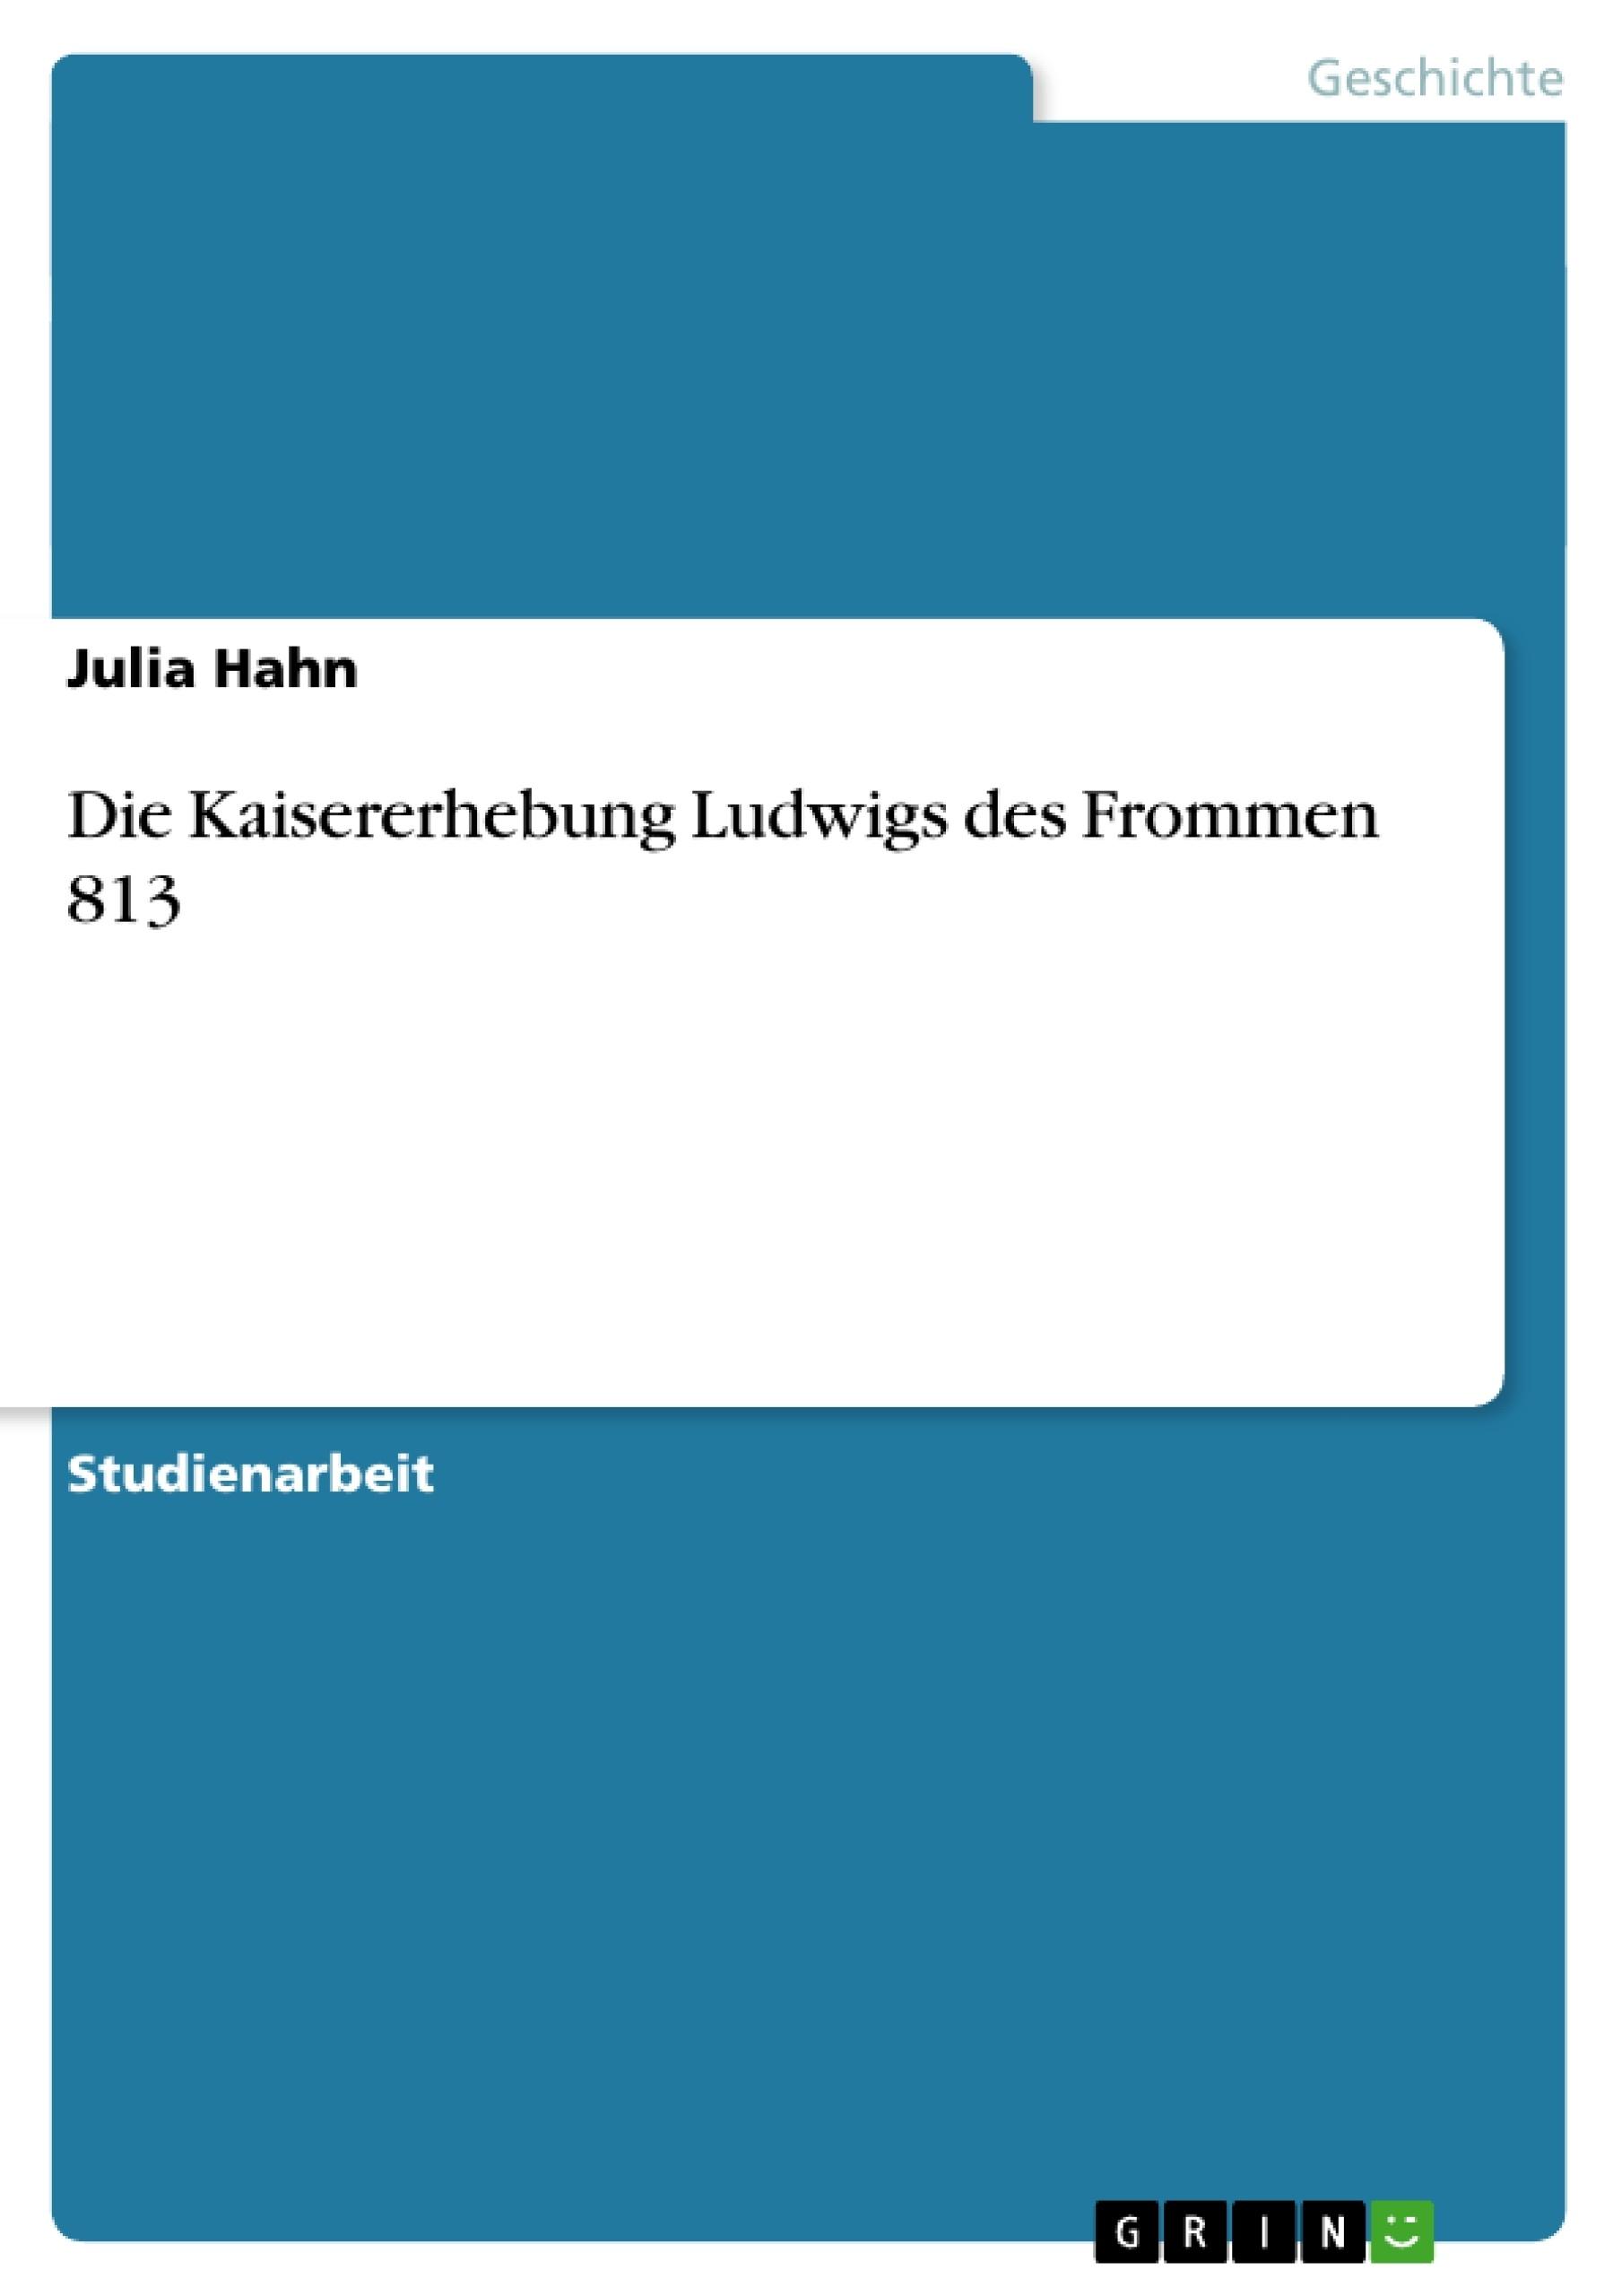 Titel: Die Kaisererhebung Ludwigs des Frommen 813